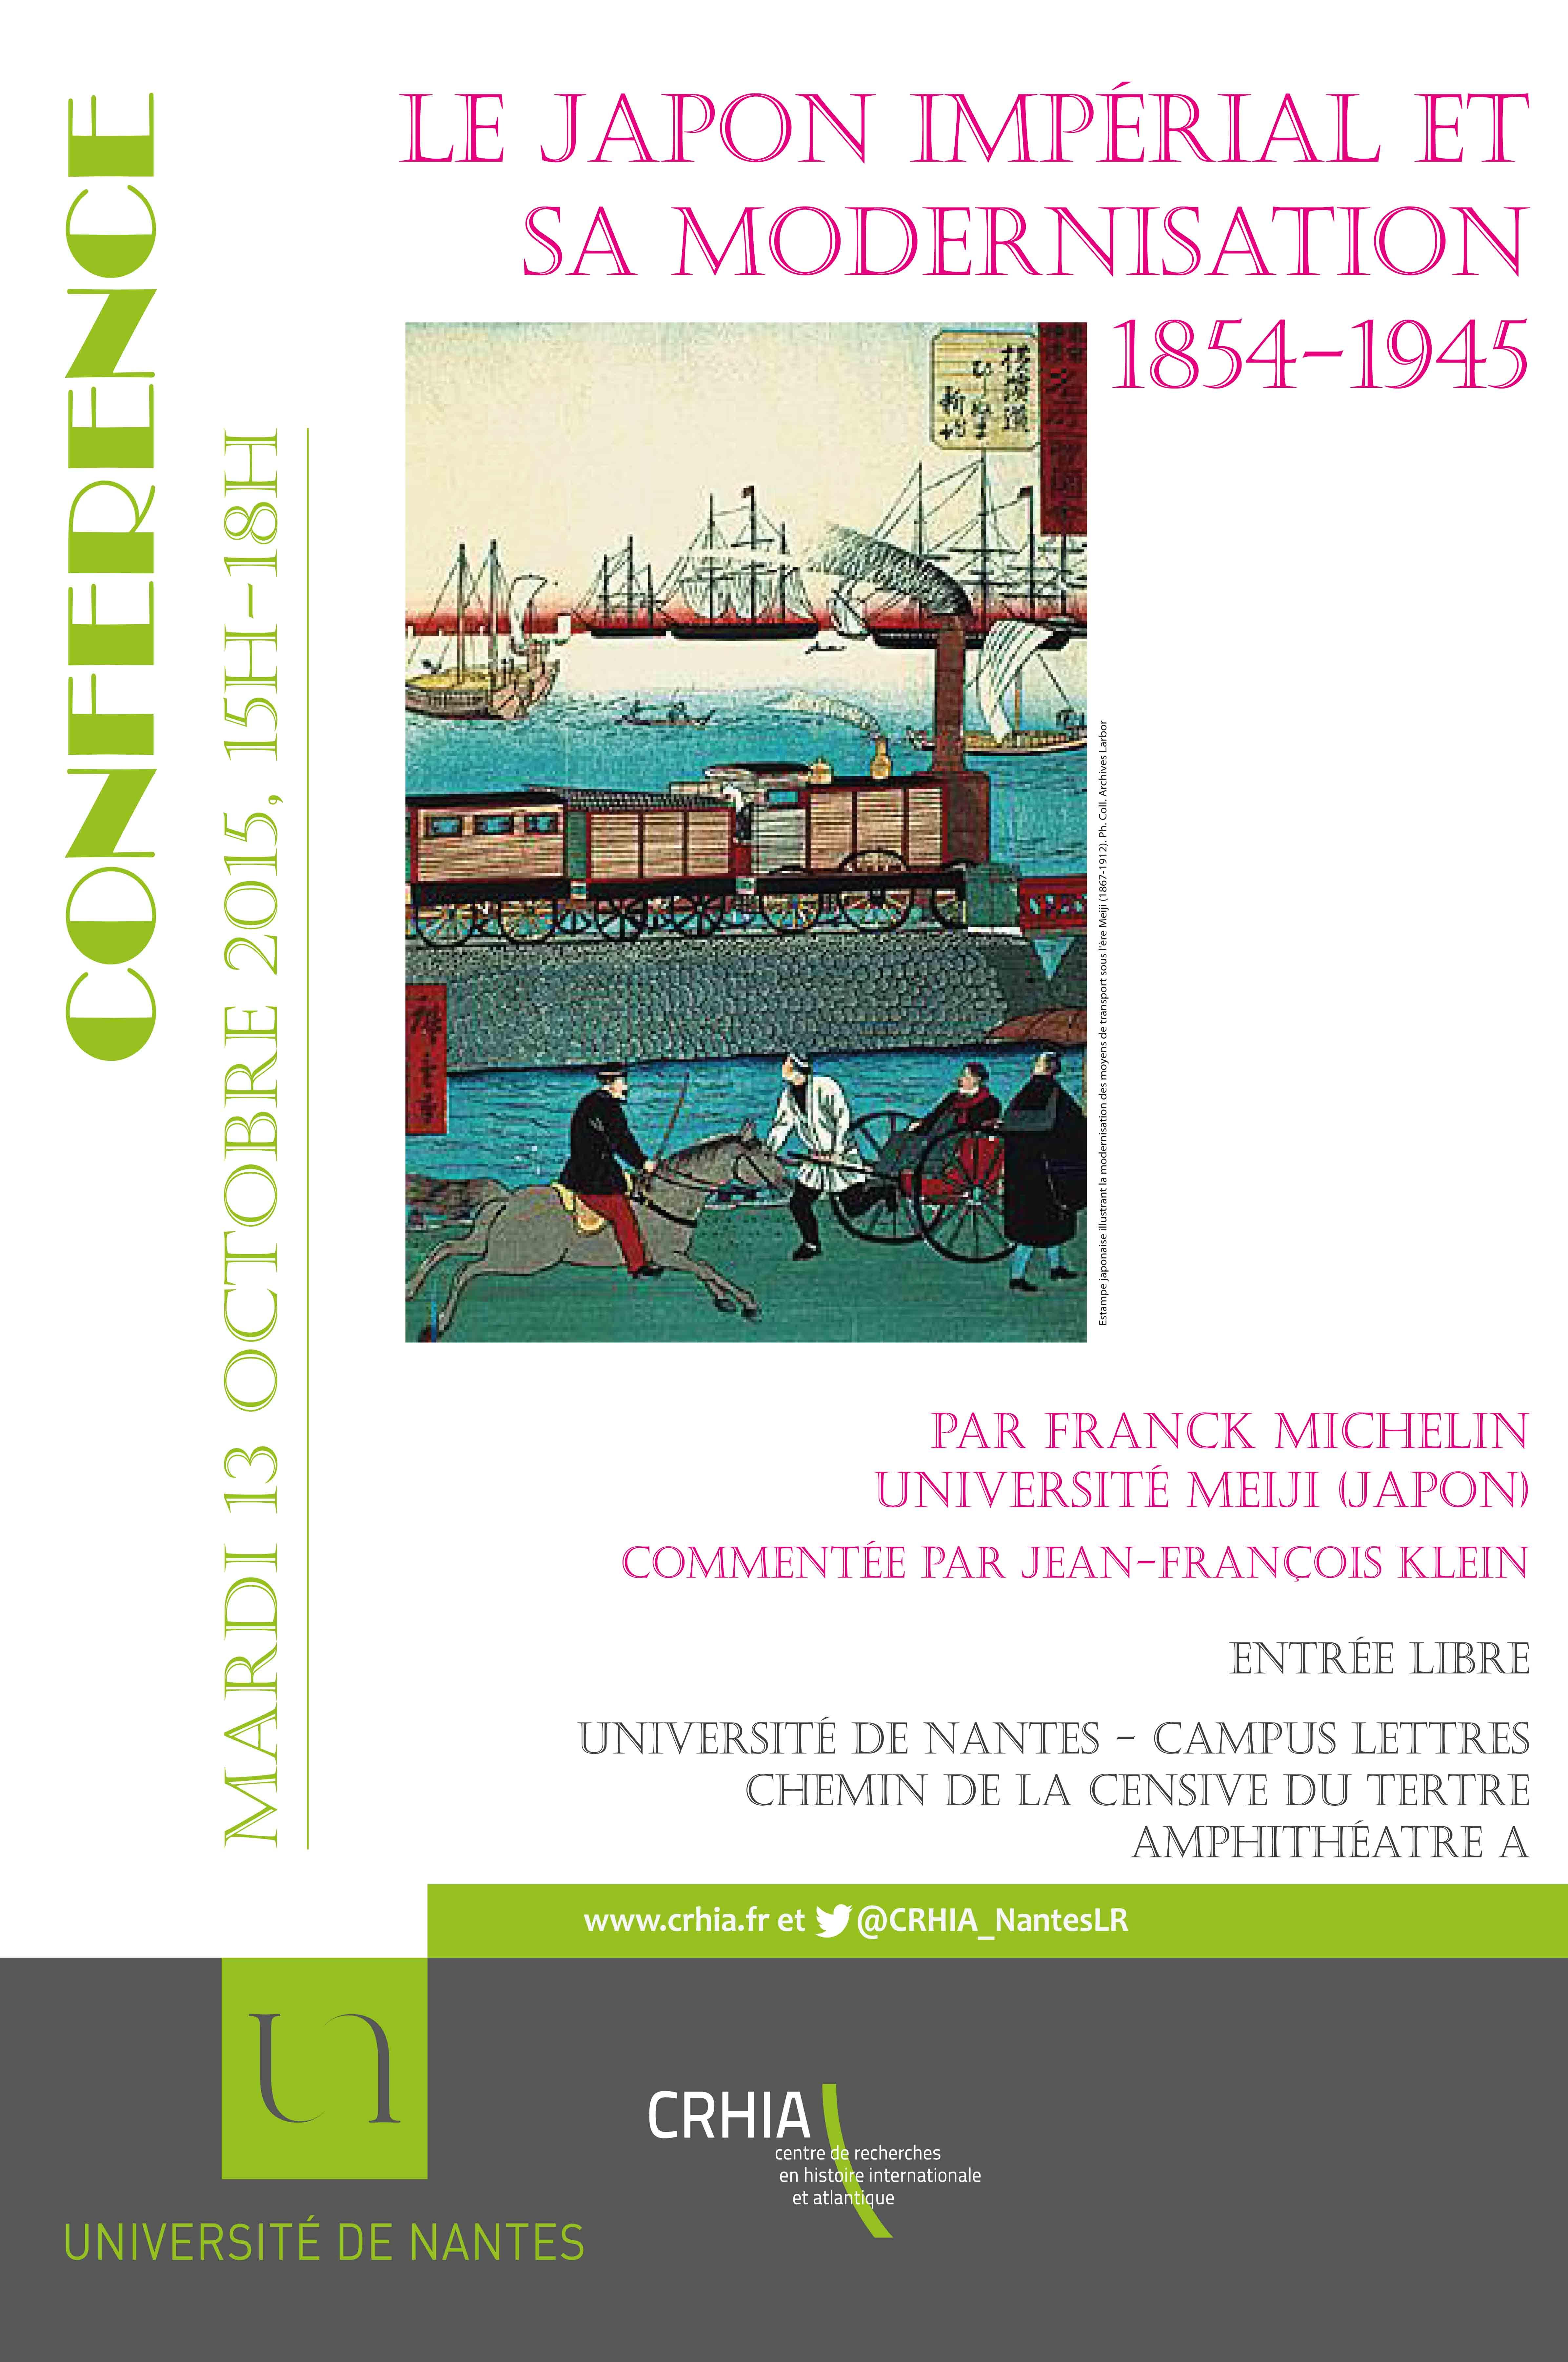 Conférence de Franck Michelin : Le Japon impérial et sa modernisation, 1854-1945